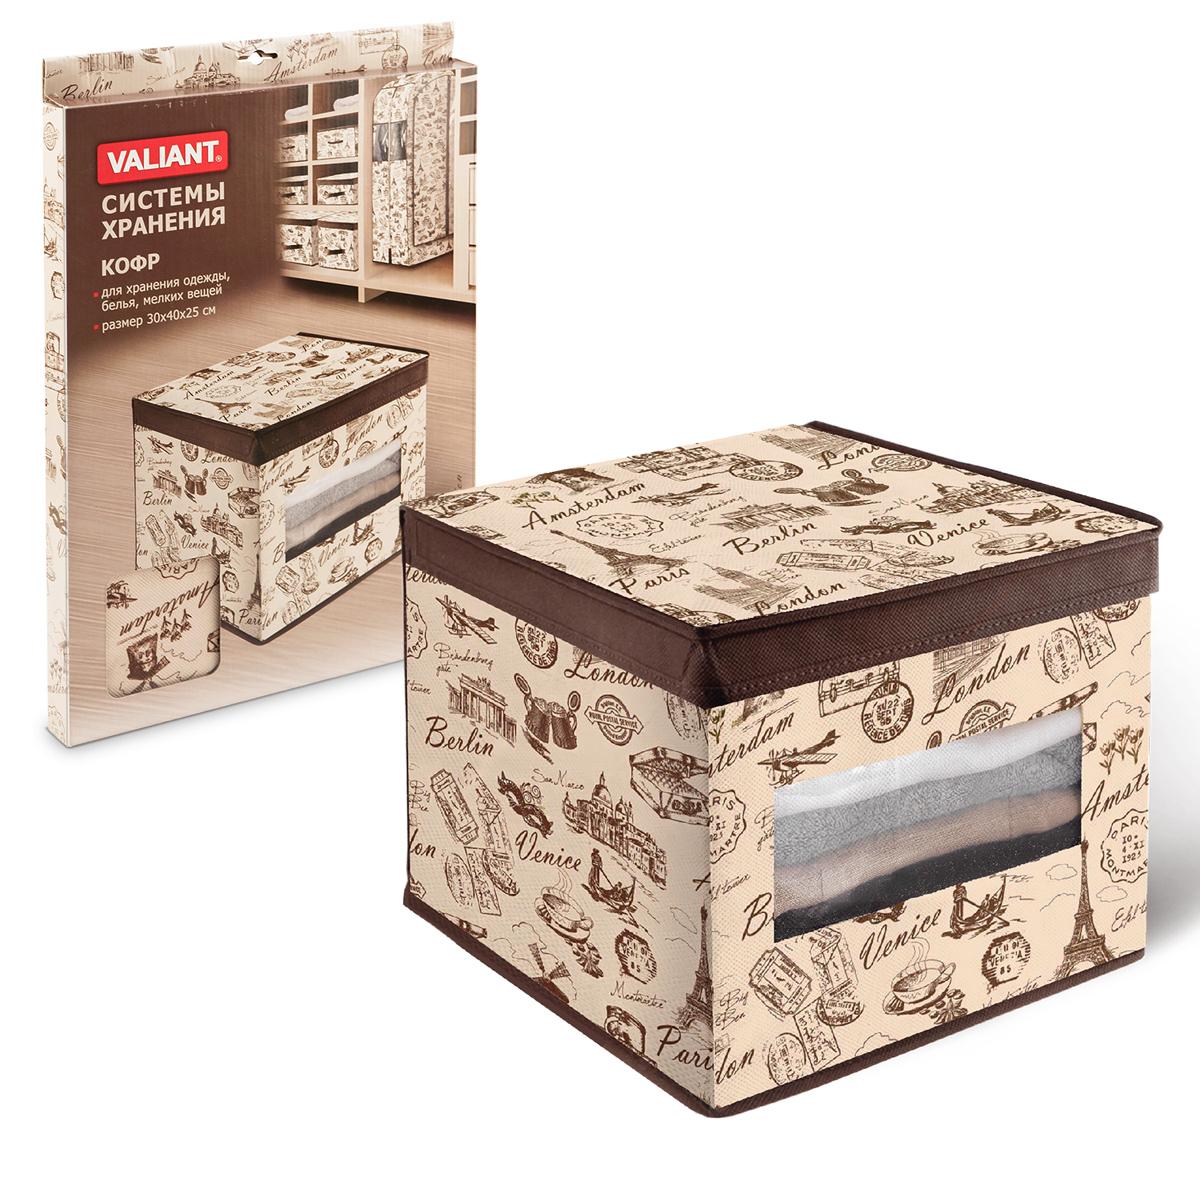 Кофр для хранения Valiant Travelling, с окошком, 30 см х 40 см х 25 смTRB312Кофр для хранения Valiant Travelling изготовлен из высококачественного нетканого материала (спанбонда), который обеспечивает естественную вентиляцию, позволяя воздуху проникать внутрь, но не пропускает пыль. Вставки из плотного картона хорошо держат форму. Кофр снабжен специальной крышкой, а также прозрачным окошком из ПВХ. Изделие отличается мобильностью: легко раскладывается и складывается. В таком кофре удобно хранить одежду, белье и мелкие аксессуары. Оригинальный дизайн погружает в атмосферу путешествий по разным городам и странам. Системы хранения в едином дизайне сделают вашу гардеробную красивой и невероятно стильной.